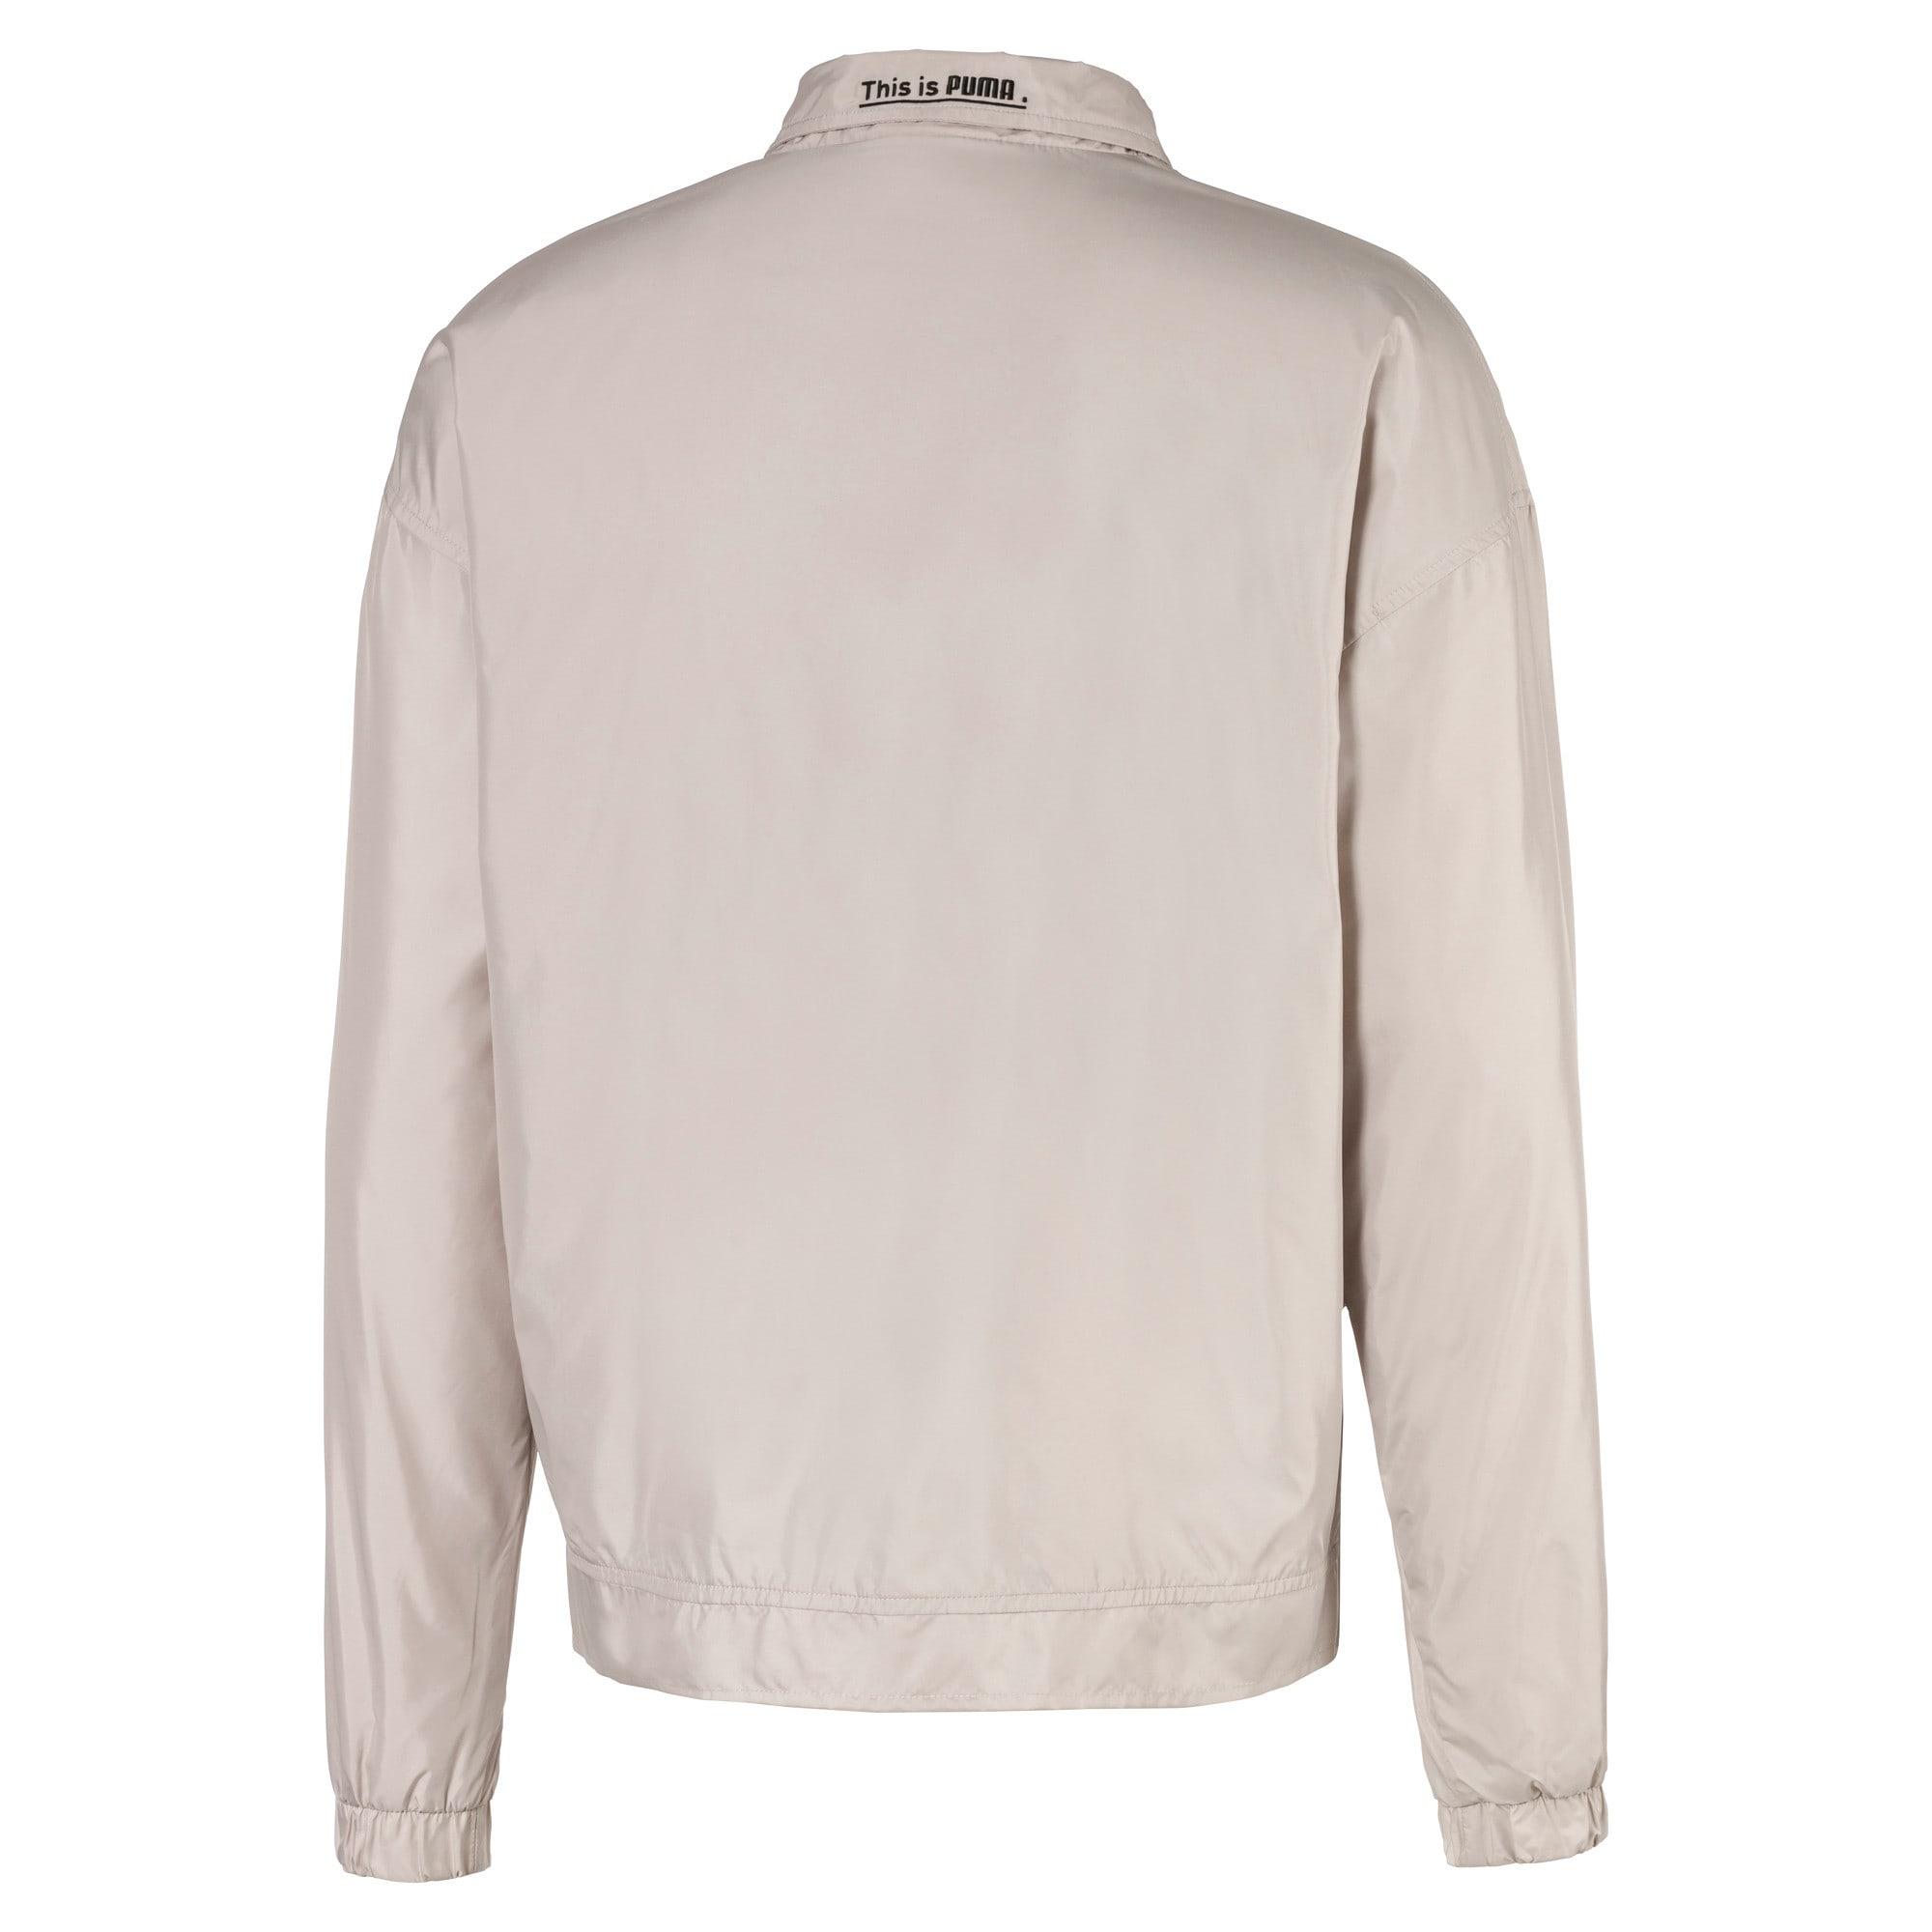 Thumbnail 2 of Lightweight Woven Men's Jacket, Dove, medium